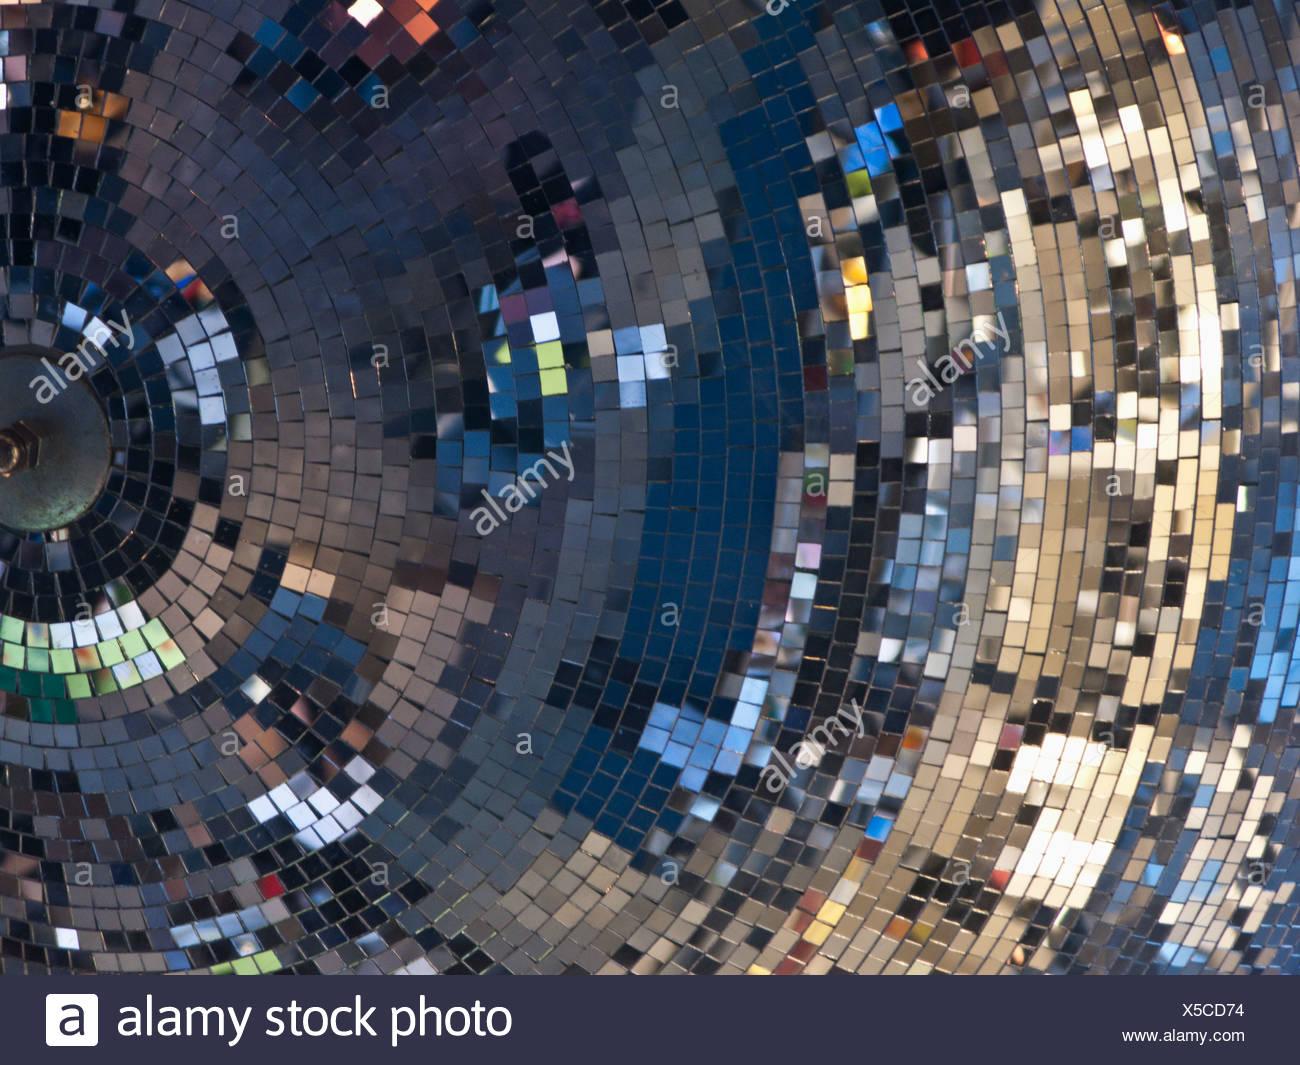 Scandinavia, Sweden, Stockholm, Shiny disco ball, close-up - Stock Image